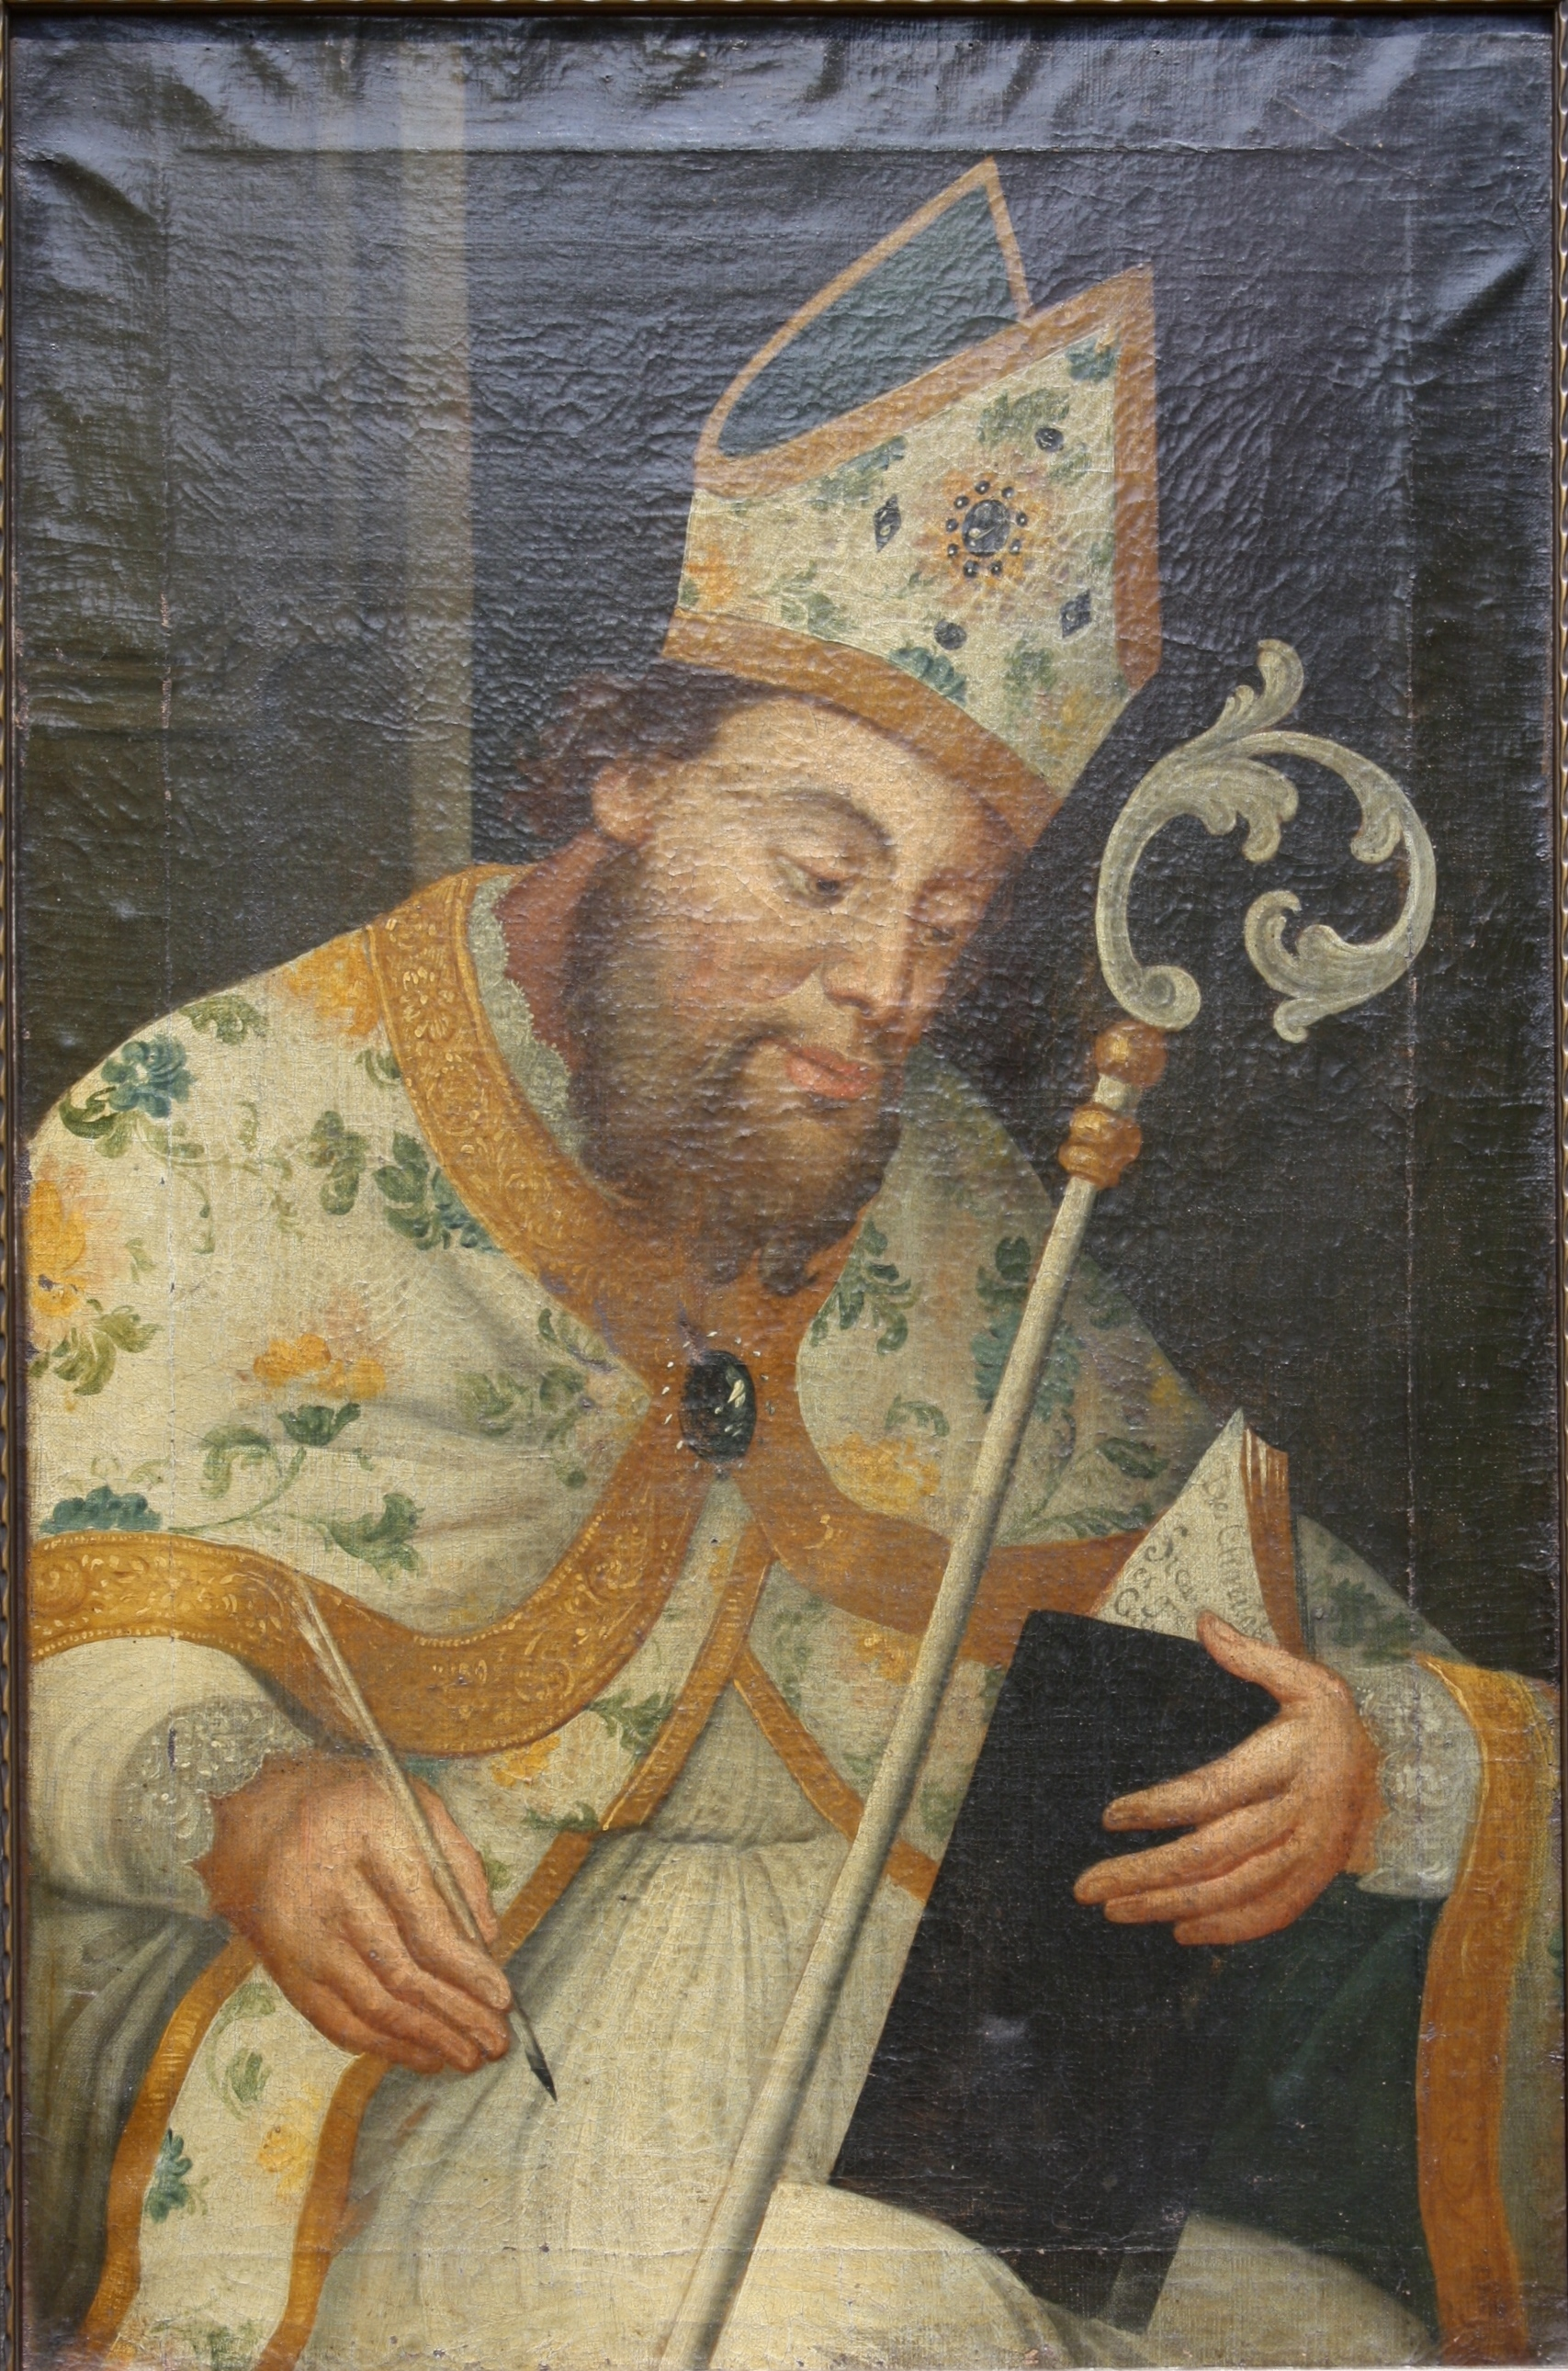 Heiliger Ambrosius, wohl 17. Jahrhundert-2